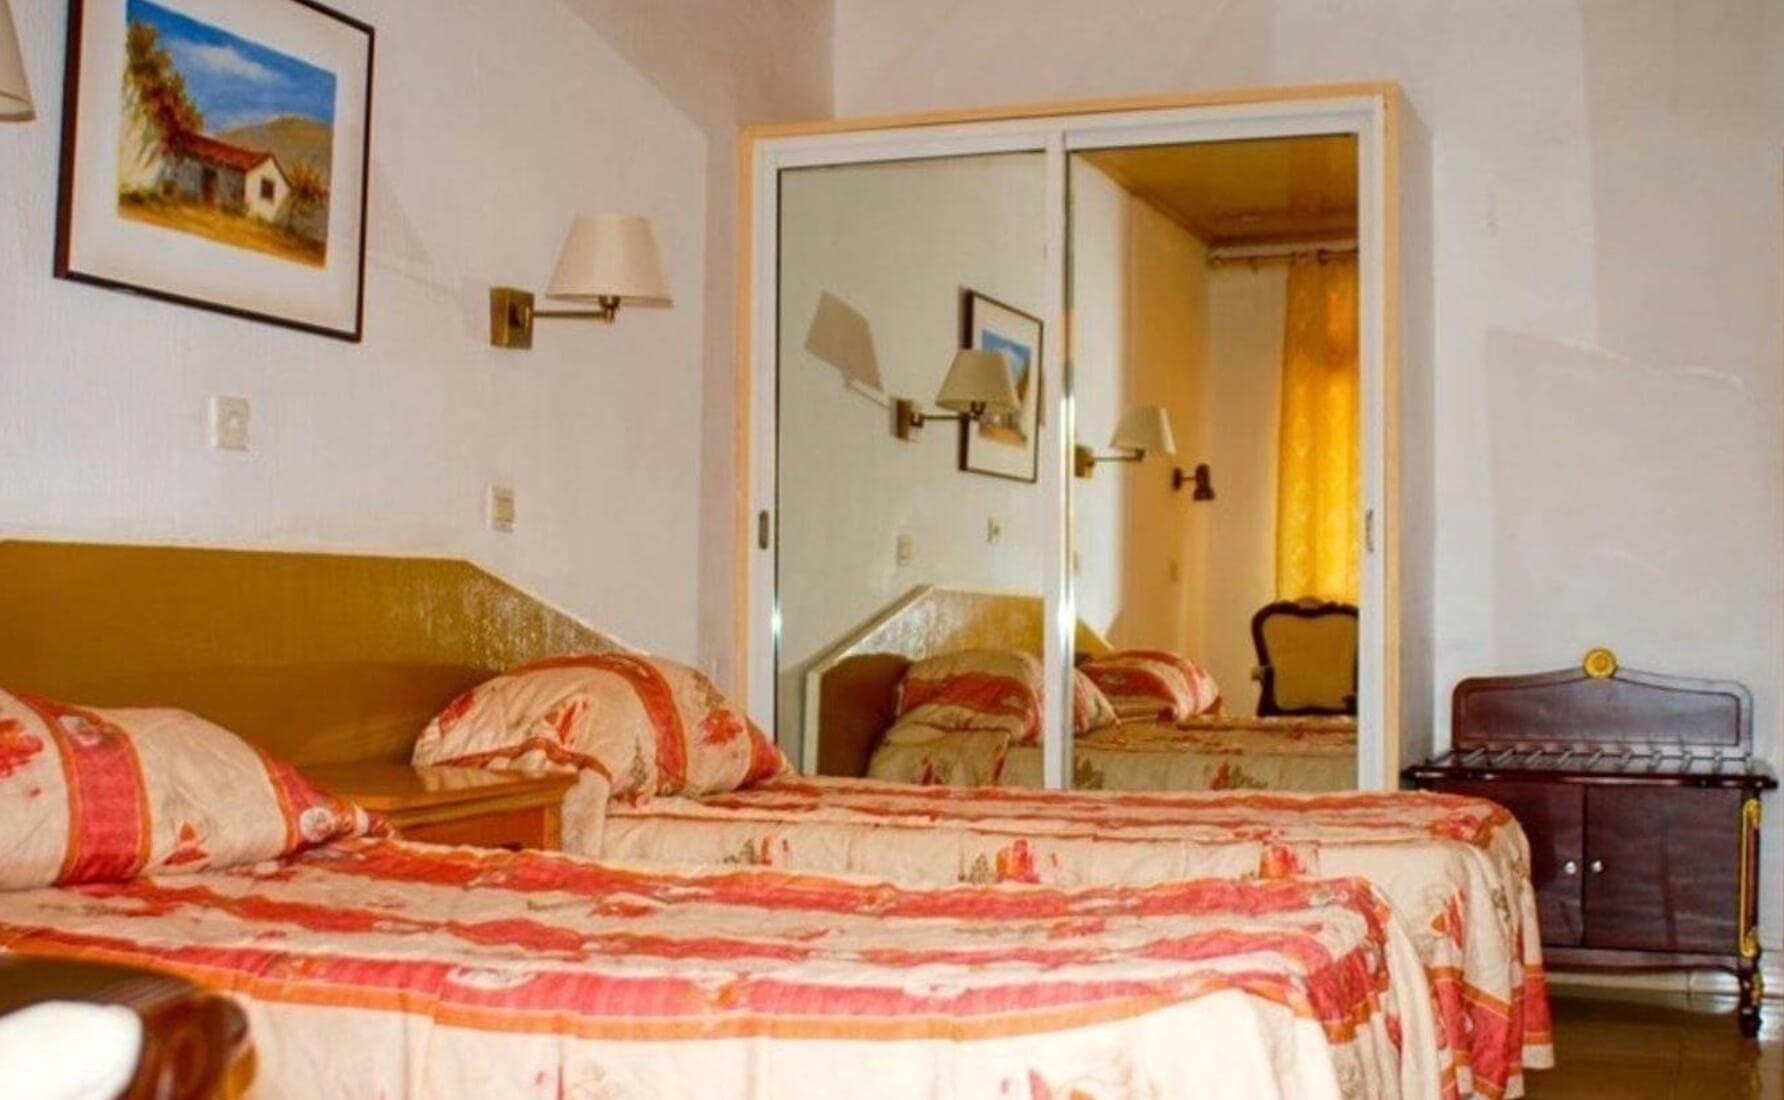 Тур в Бакау в отель Cape Point Hotel Apartment 3* (Гамбия) на 11 ночей с 04.01.19 от 136 868 рублей (BB) на двоих